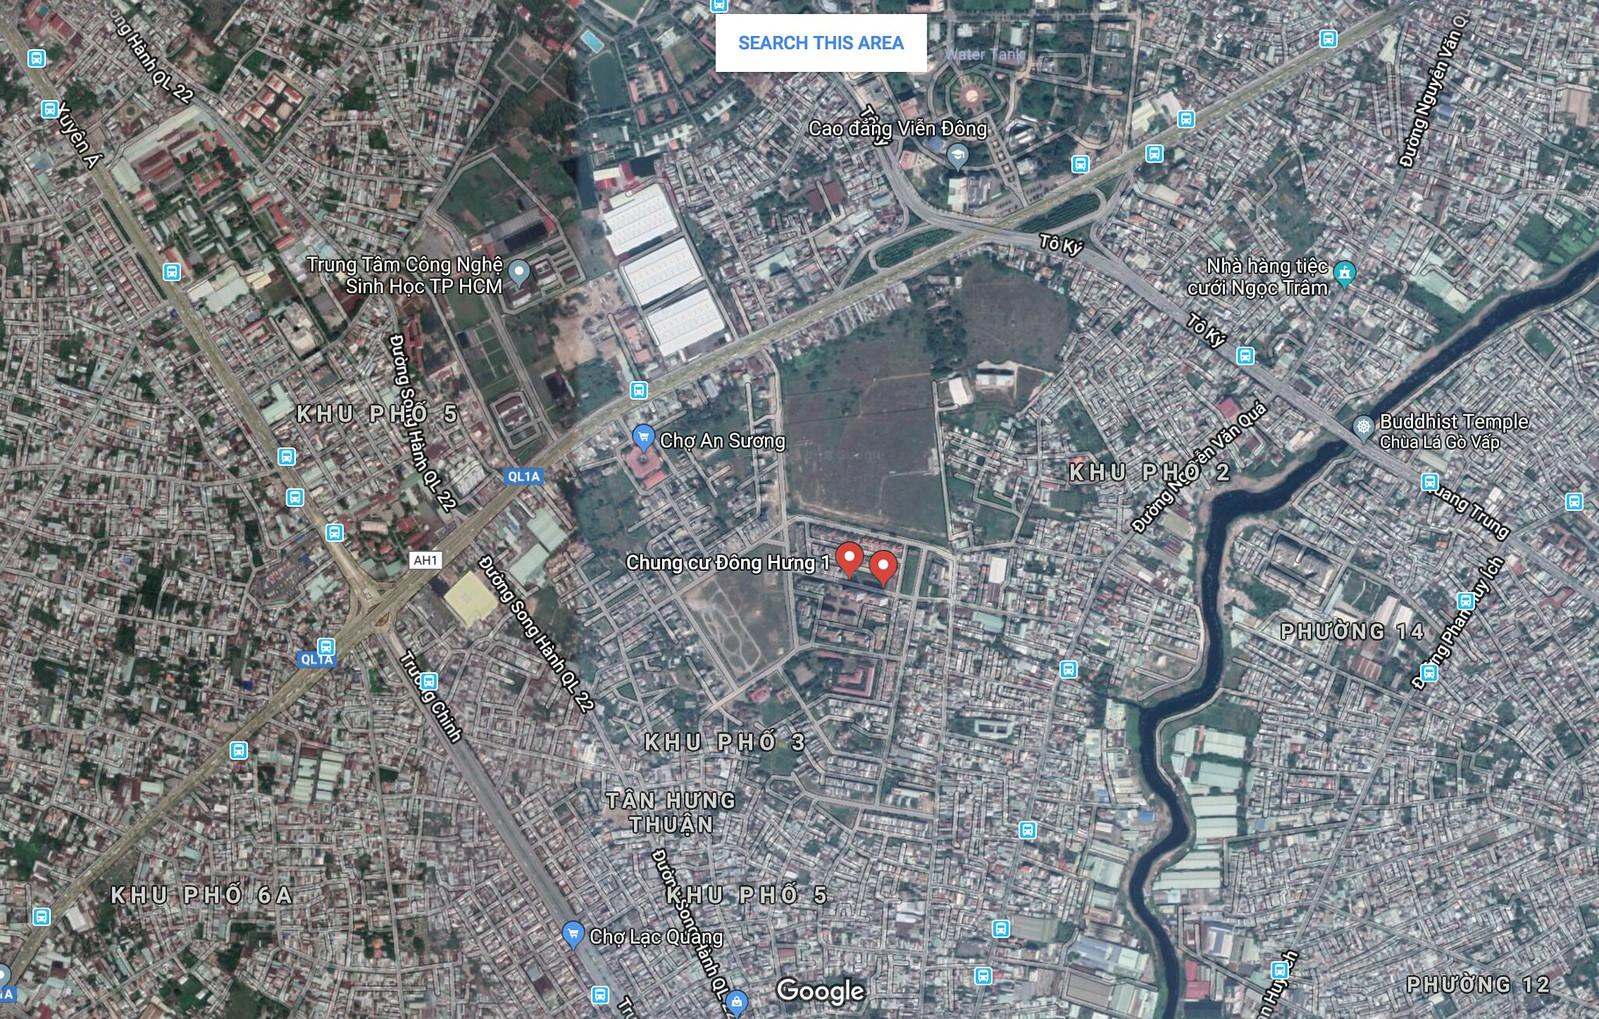 Vị trí dự án Centeria Đông Thuận Quận 12: kề bên chung cư Đông Hưng